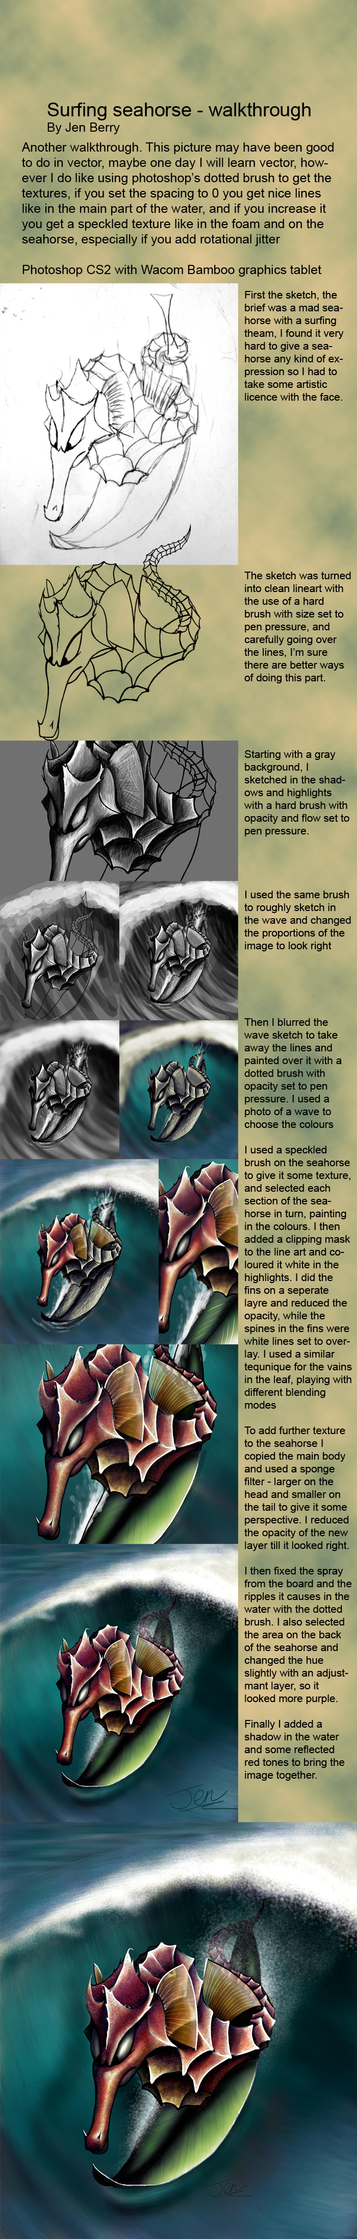 Surfing seahorse - walkthrough by nunt